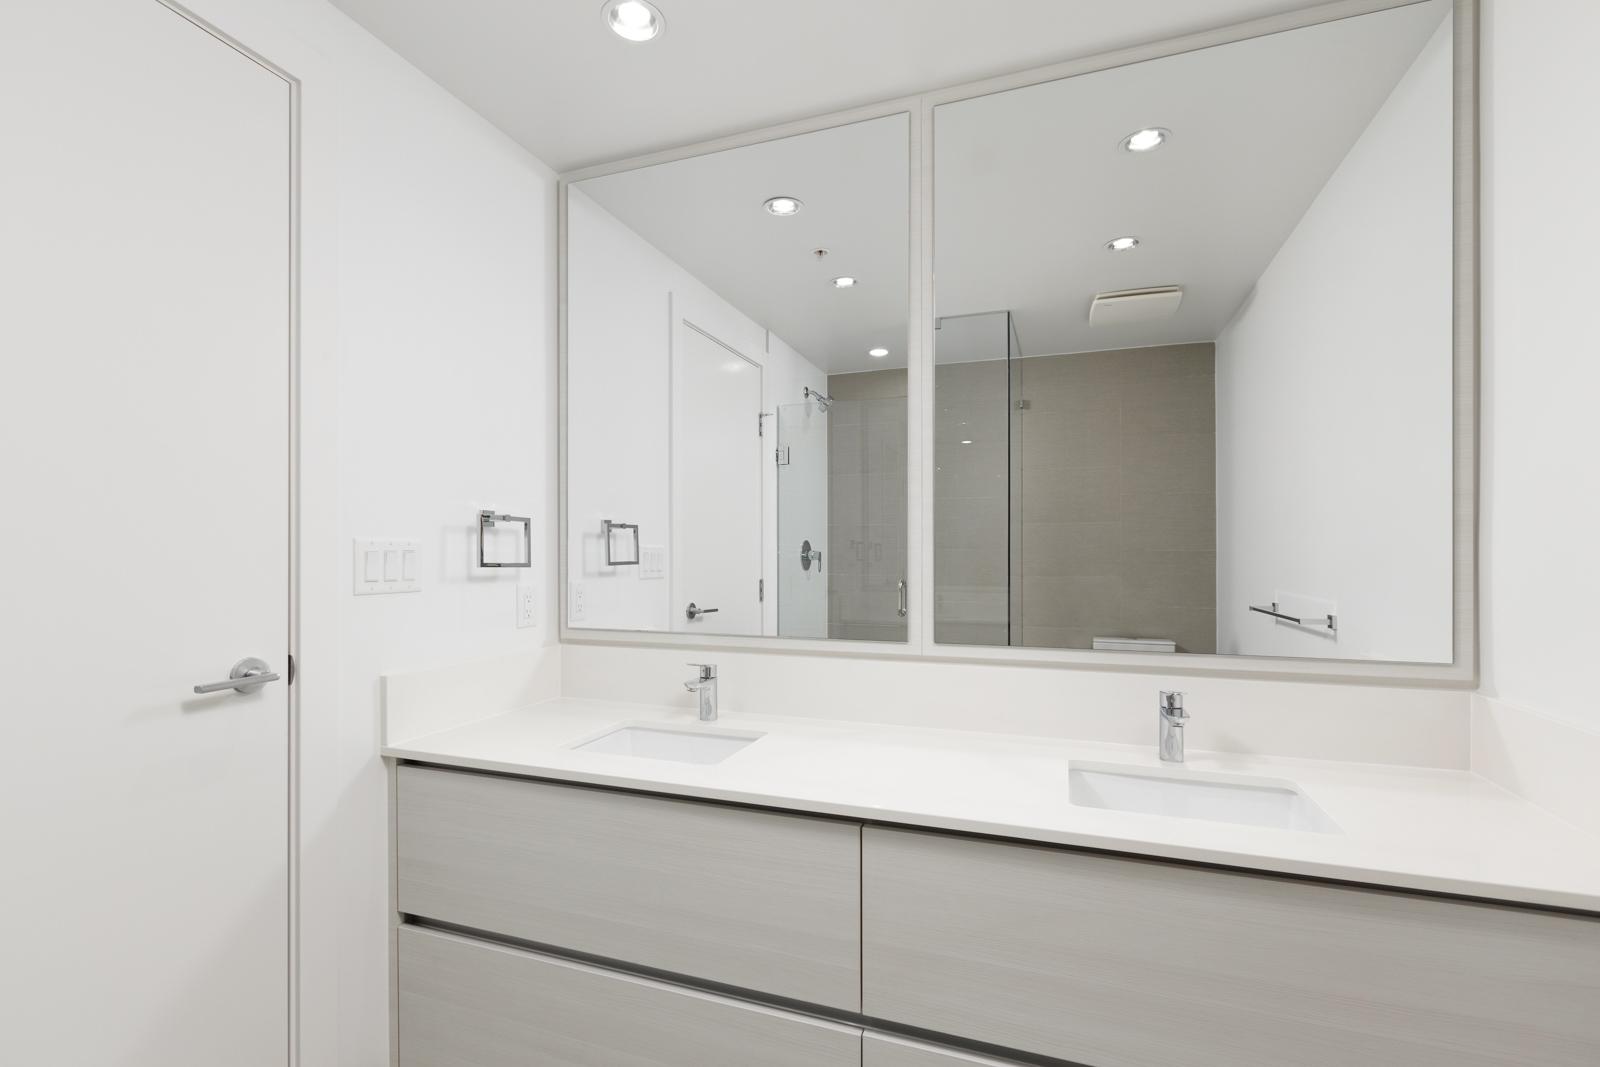 Bathroom at Metrotown condo